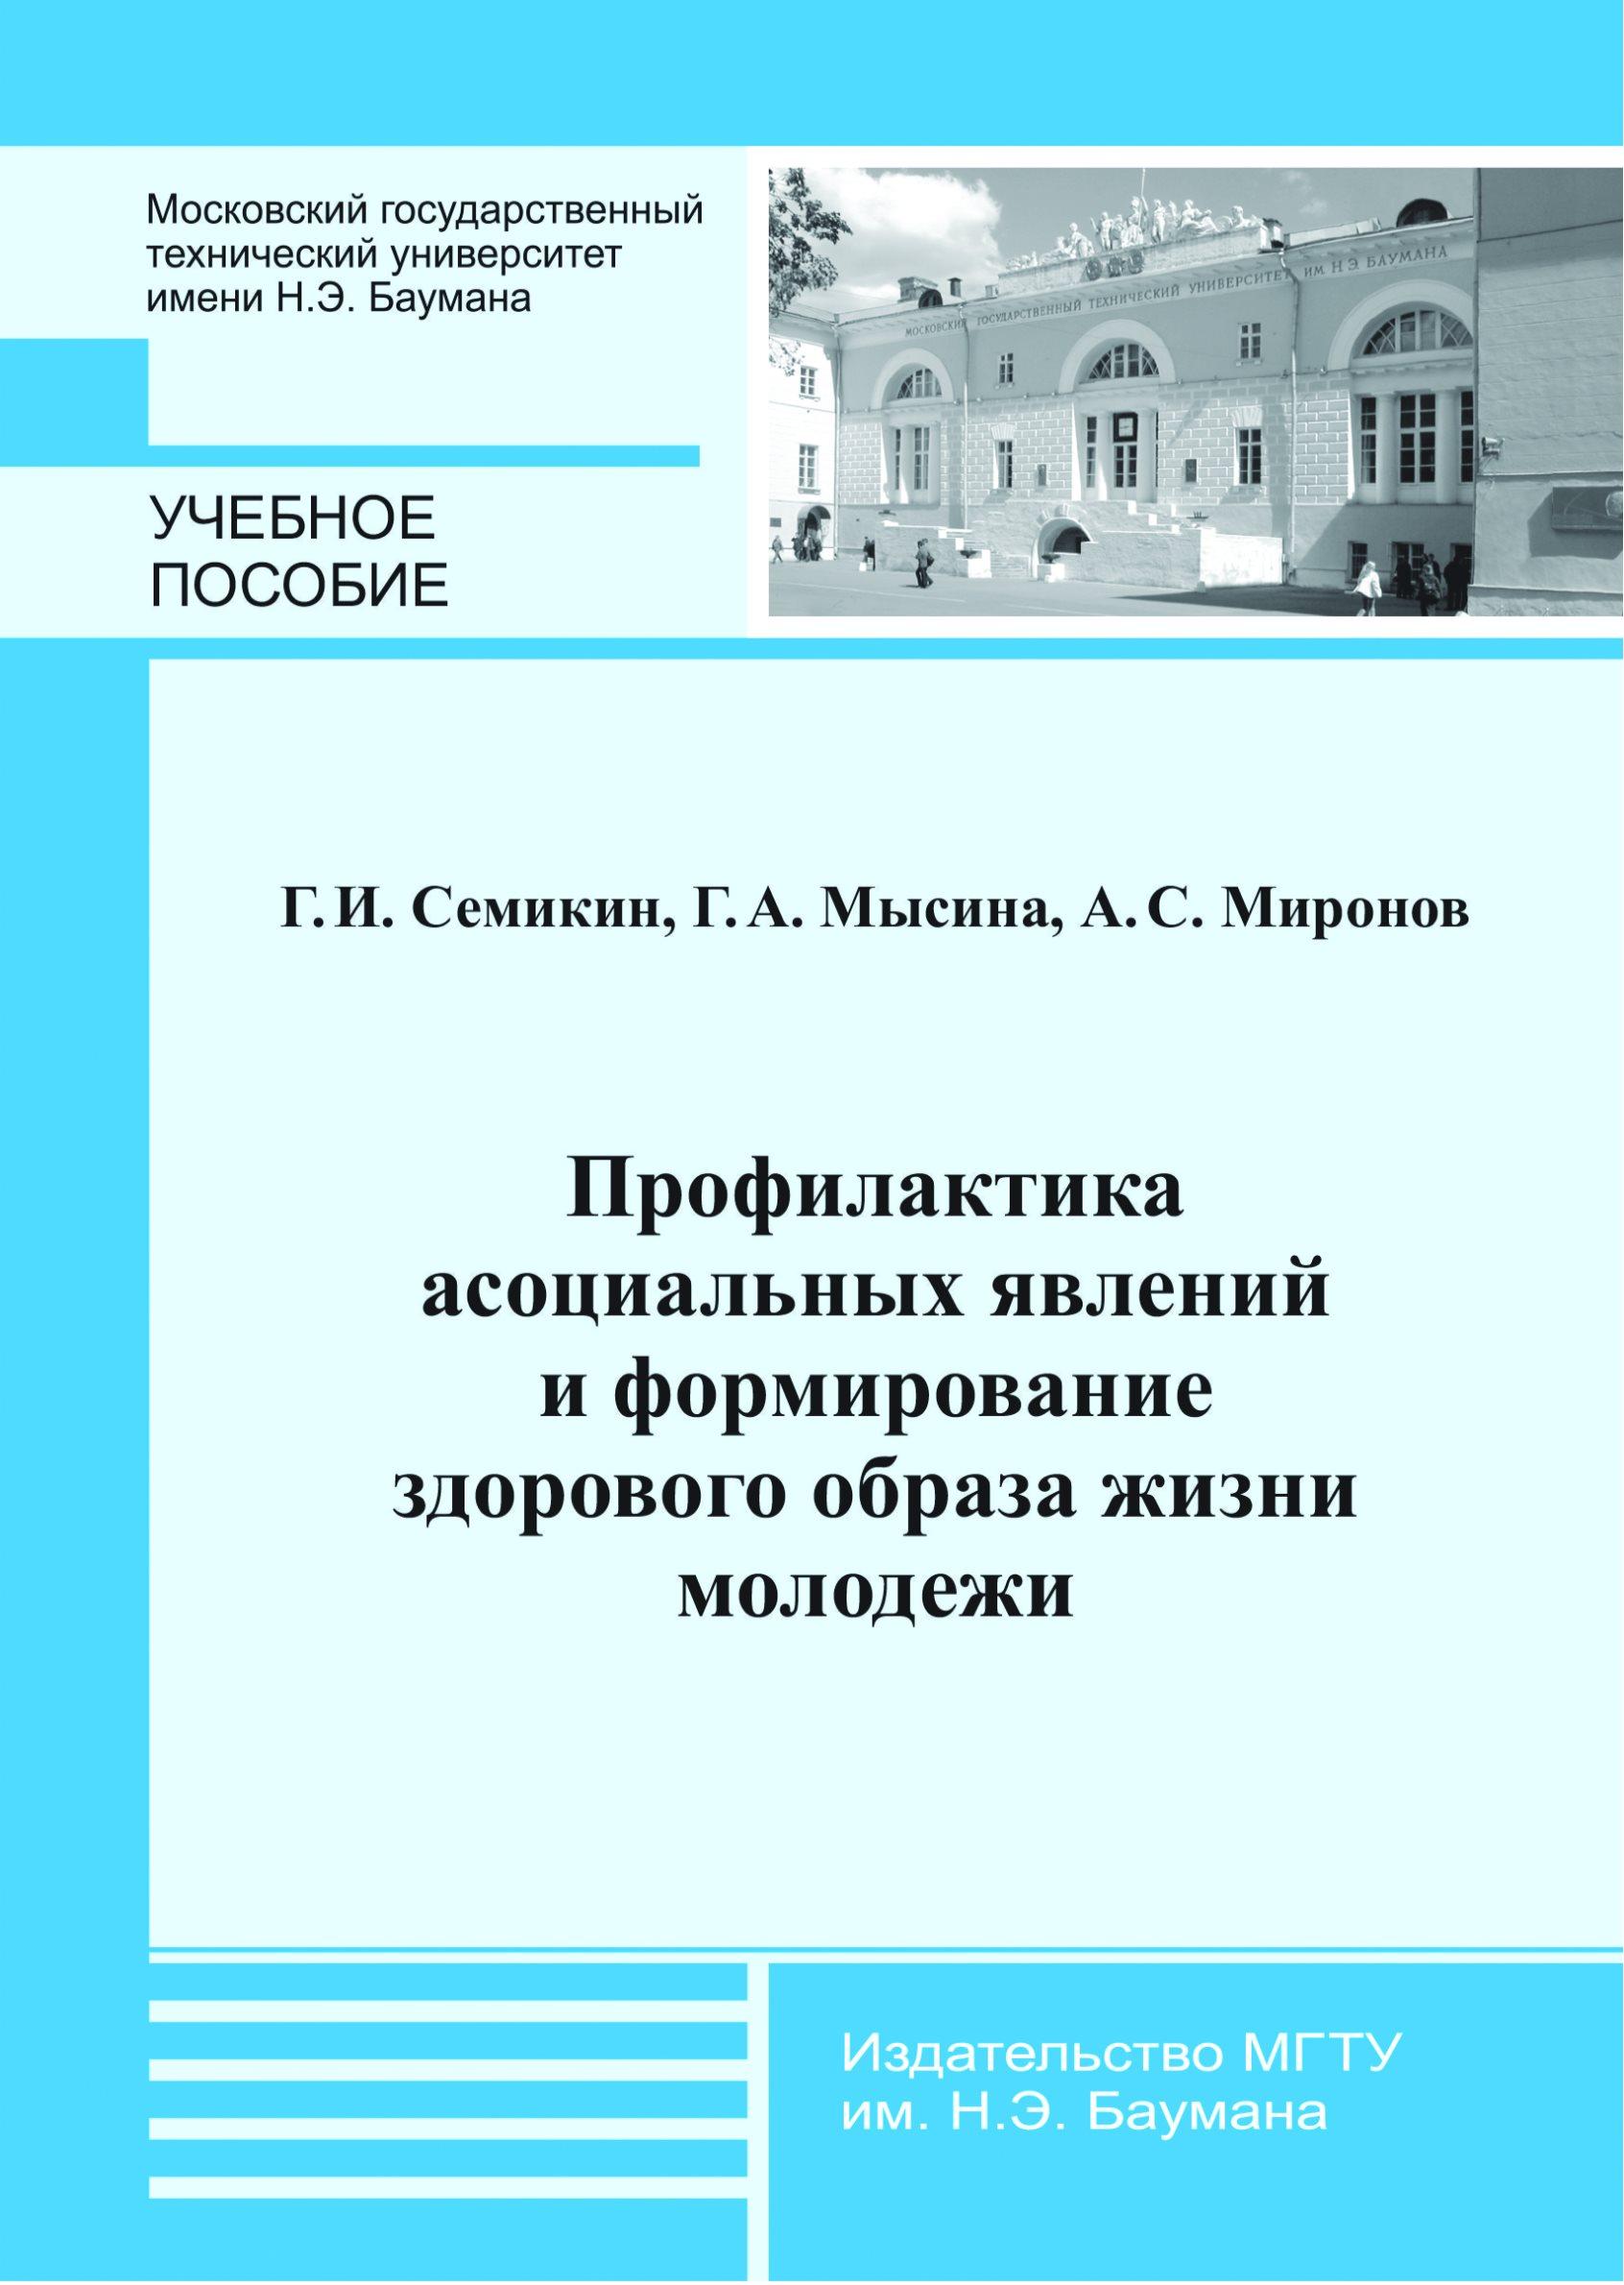 Алексей Миронов Профилактика асоциальных явлений и формирование здорового образа жизни молодежи